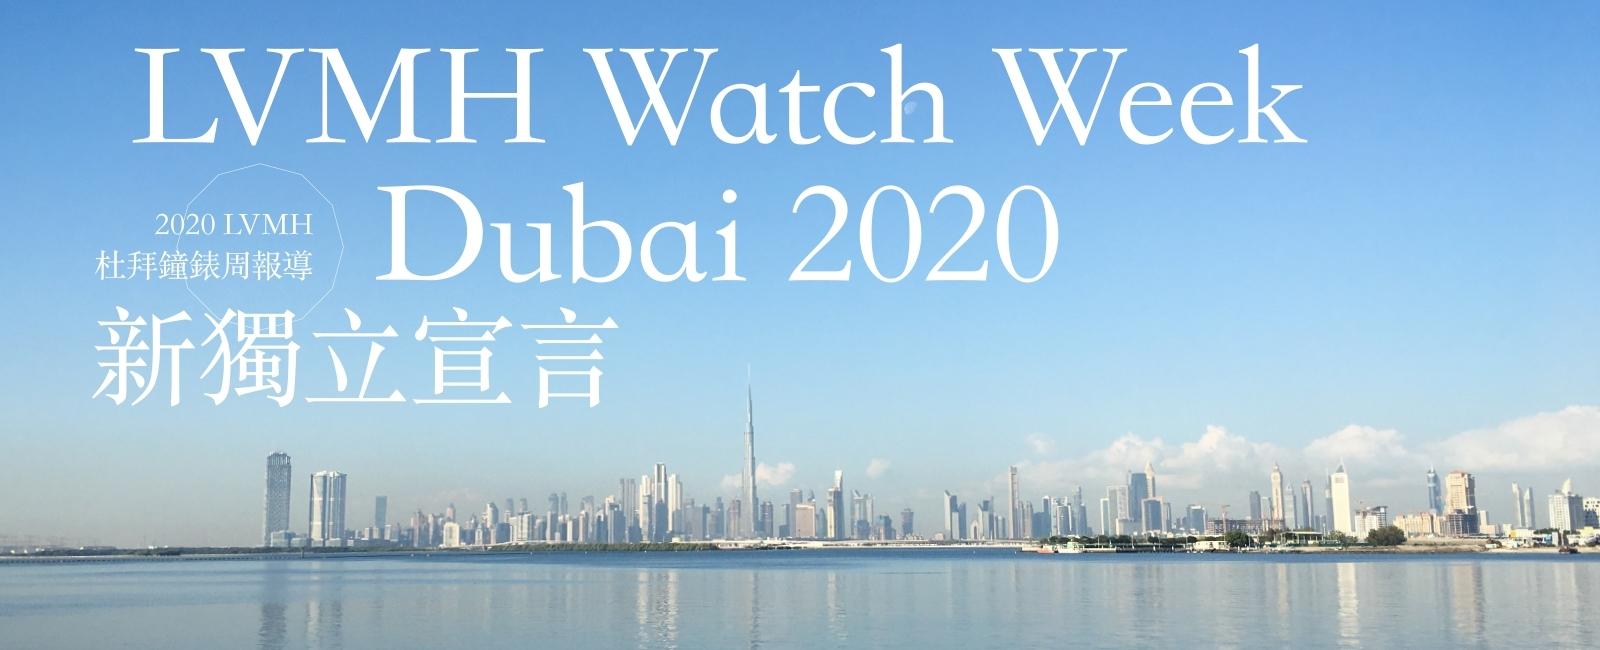 明潮玩錶 x LVMH Watch Week Dubai / Big Bang推出首款全鍊帶作品!LVMH 杜拜鐘錶周特輯〔宇舶錶〕